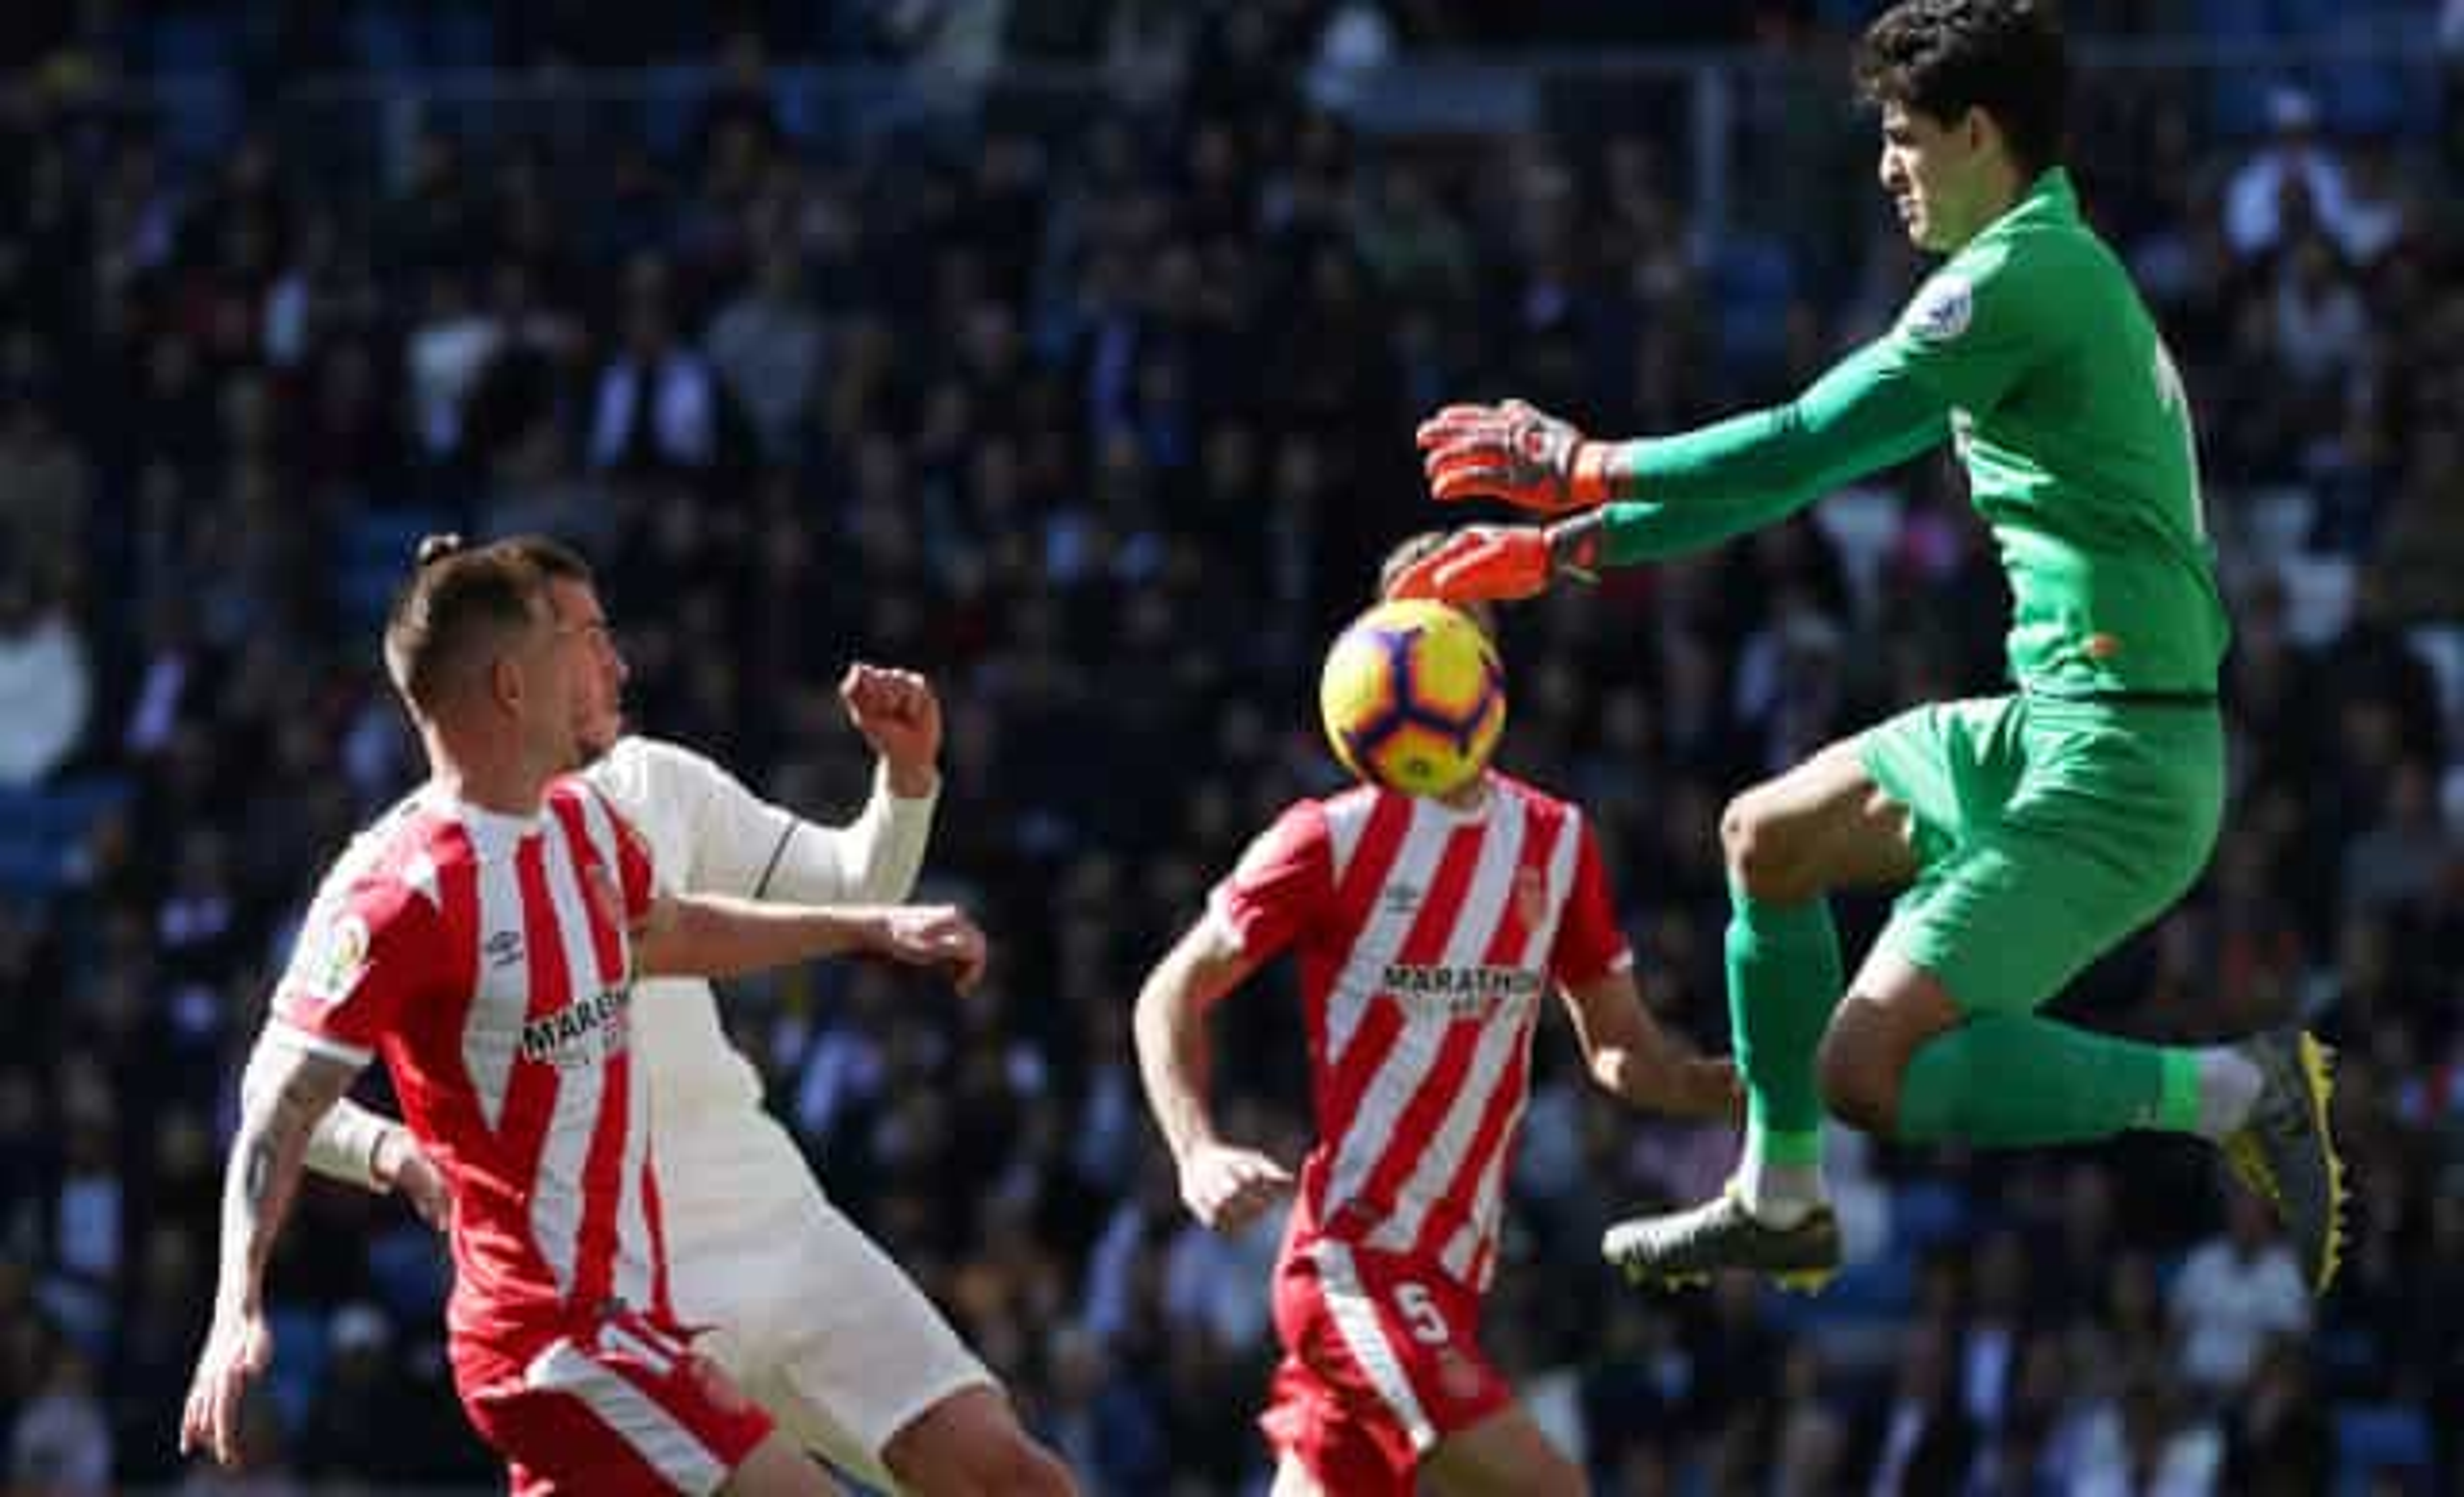 Adiós La Liga! Real Madrid atirou o título pela 'janela' diante do Girona